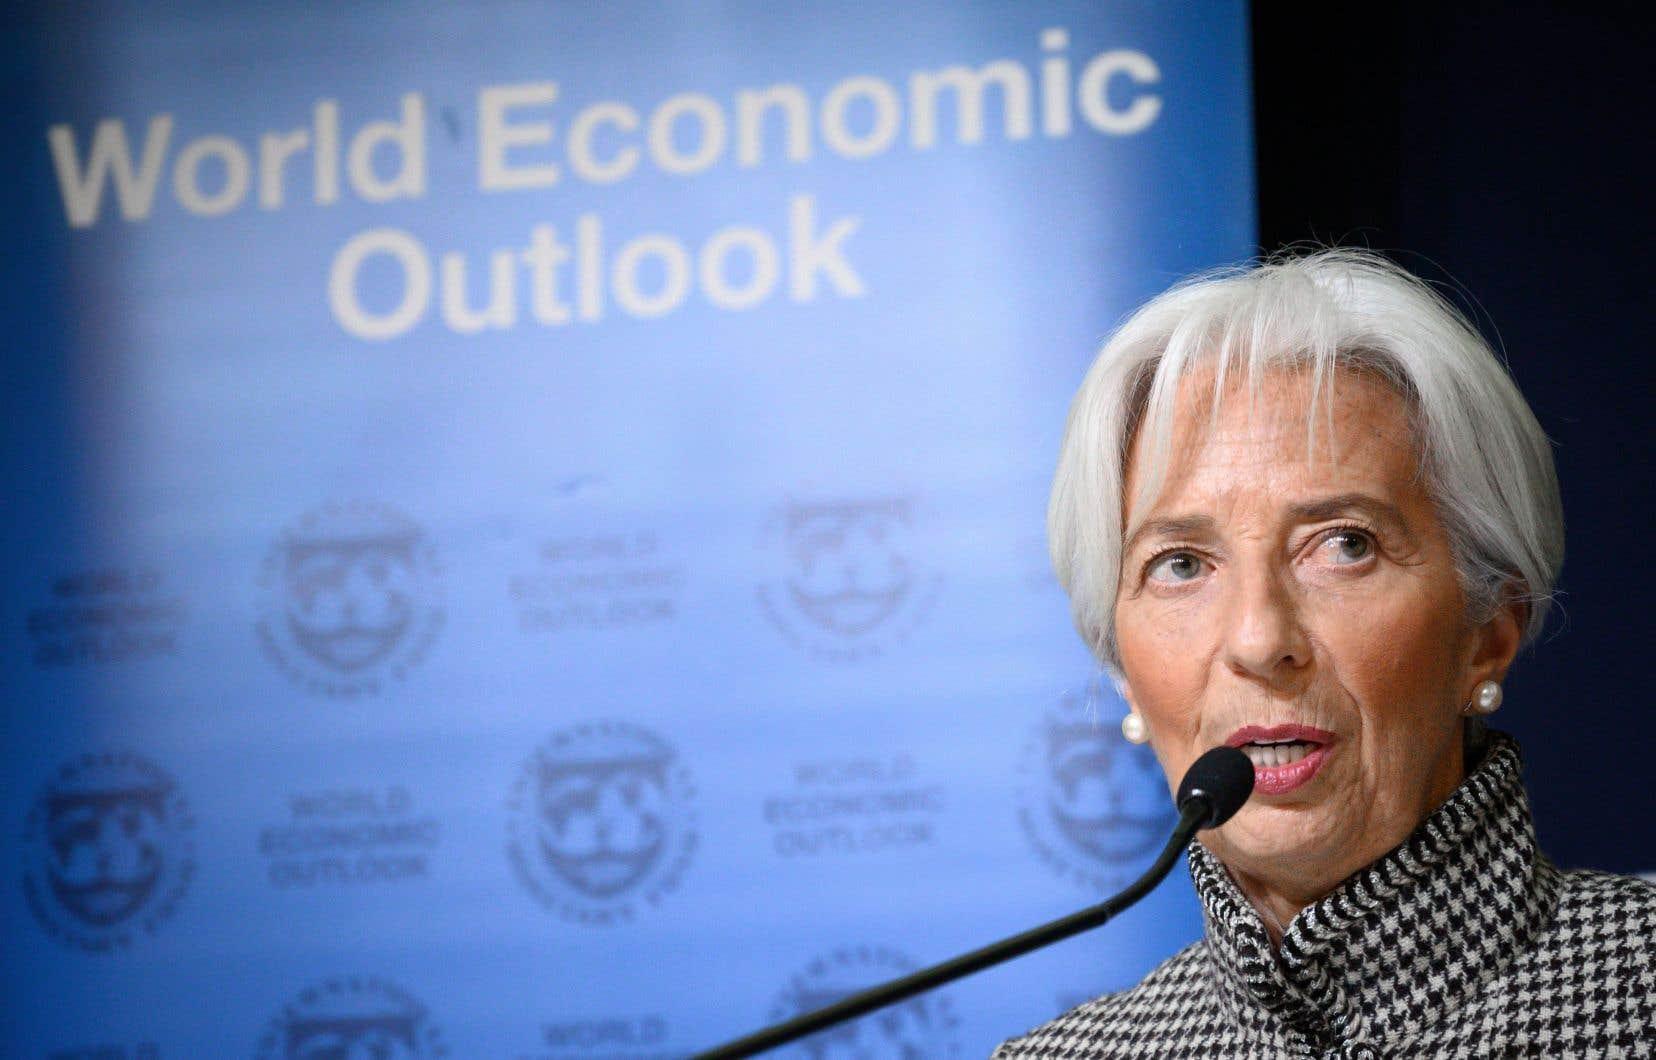 La directrice générale du Fonds monétaire international, Christine Lagarde, en conférence de presse lundi à Davos, en Suisse